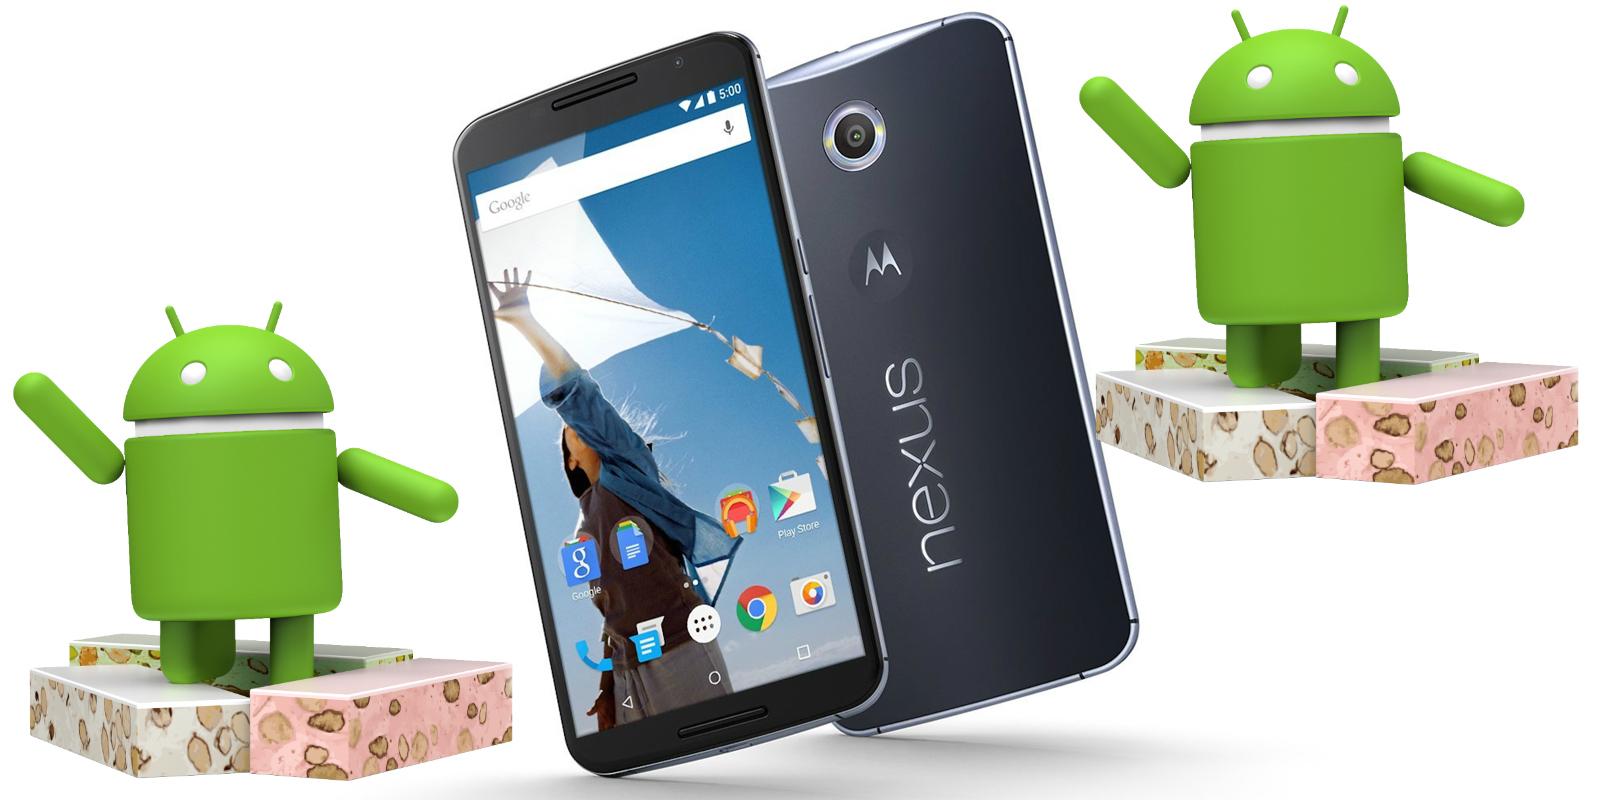 Nougat llegó al Nexus 6